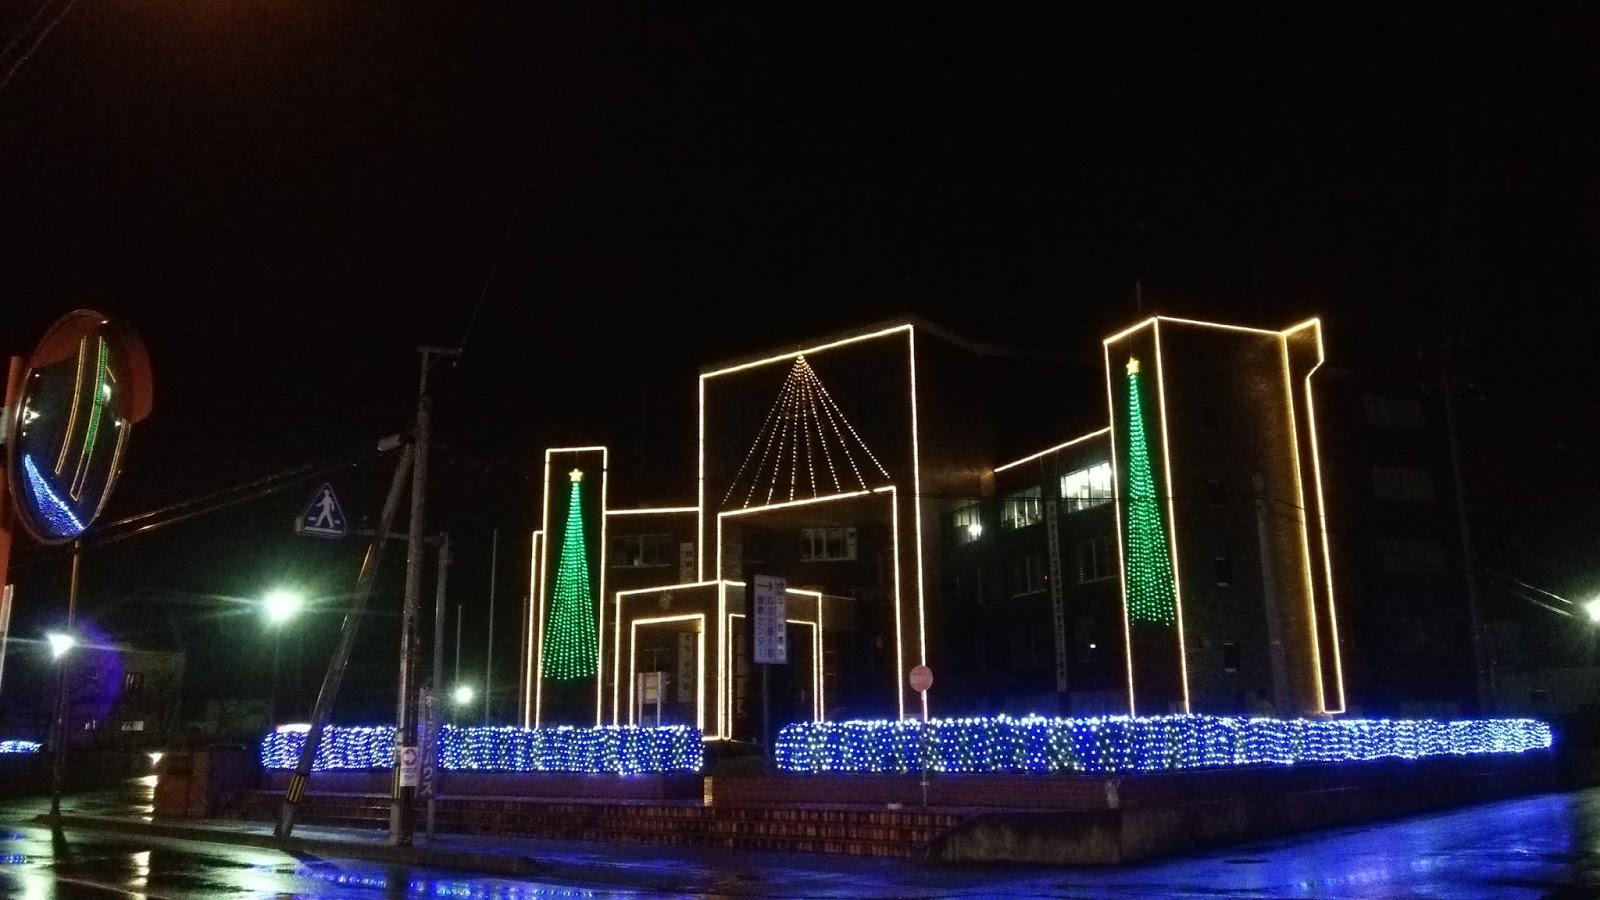 Hirakawa City Illuminations 2014 平川市イルミネーション 平成26年